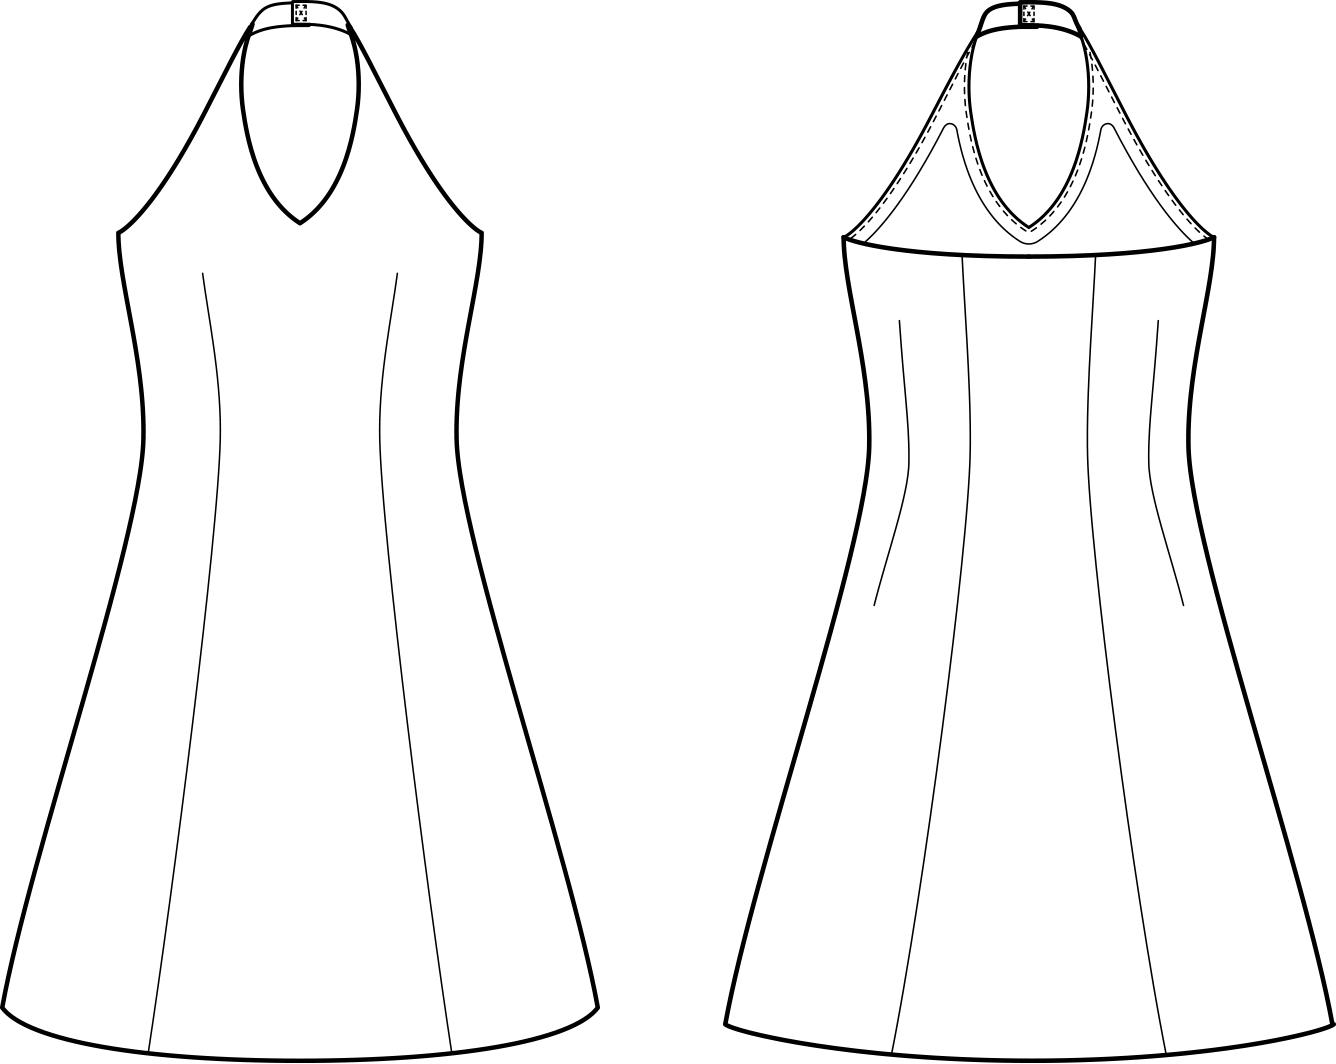 Vorder- und Rückansicht der technische Zeichnung eines Heckholder Kleides